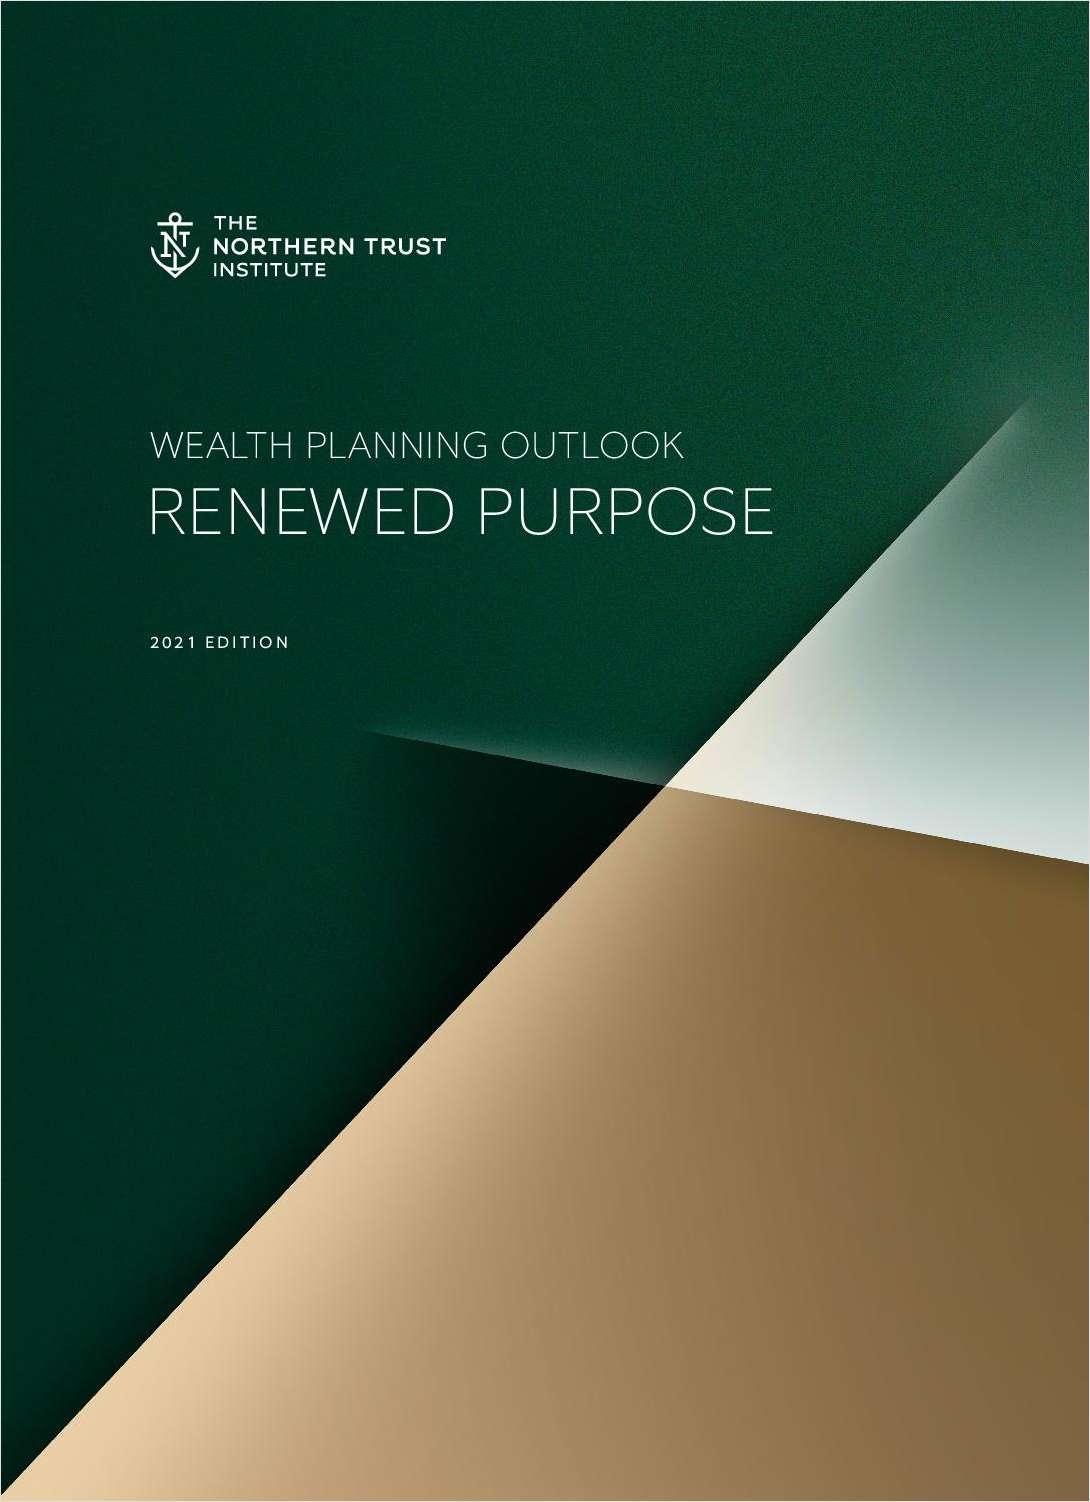 Wealth Planning Outlook: Renewed Purpose